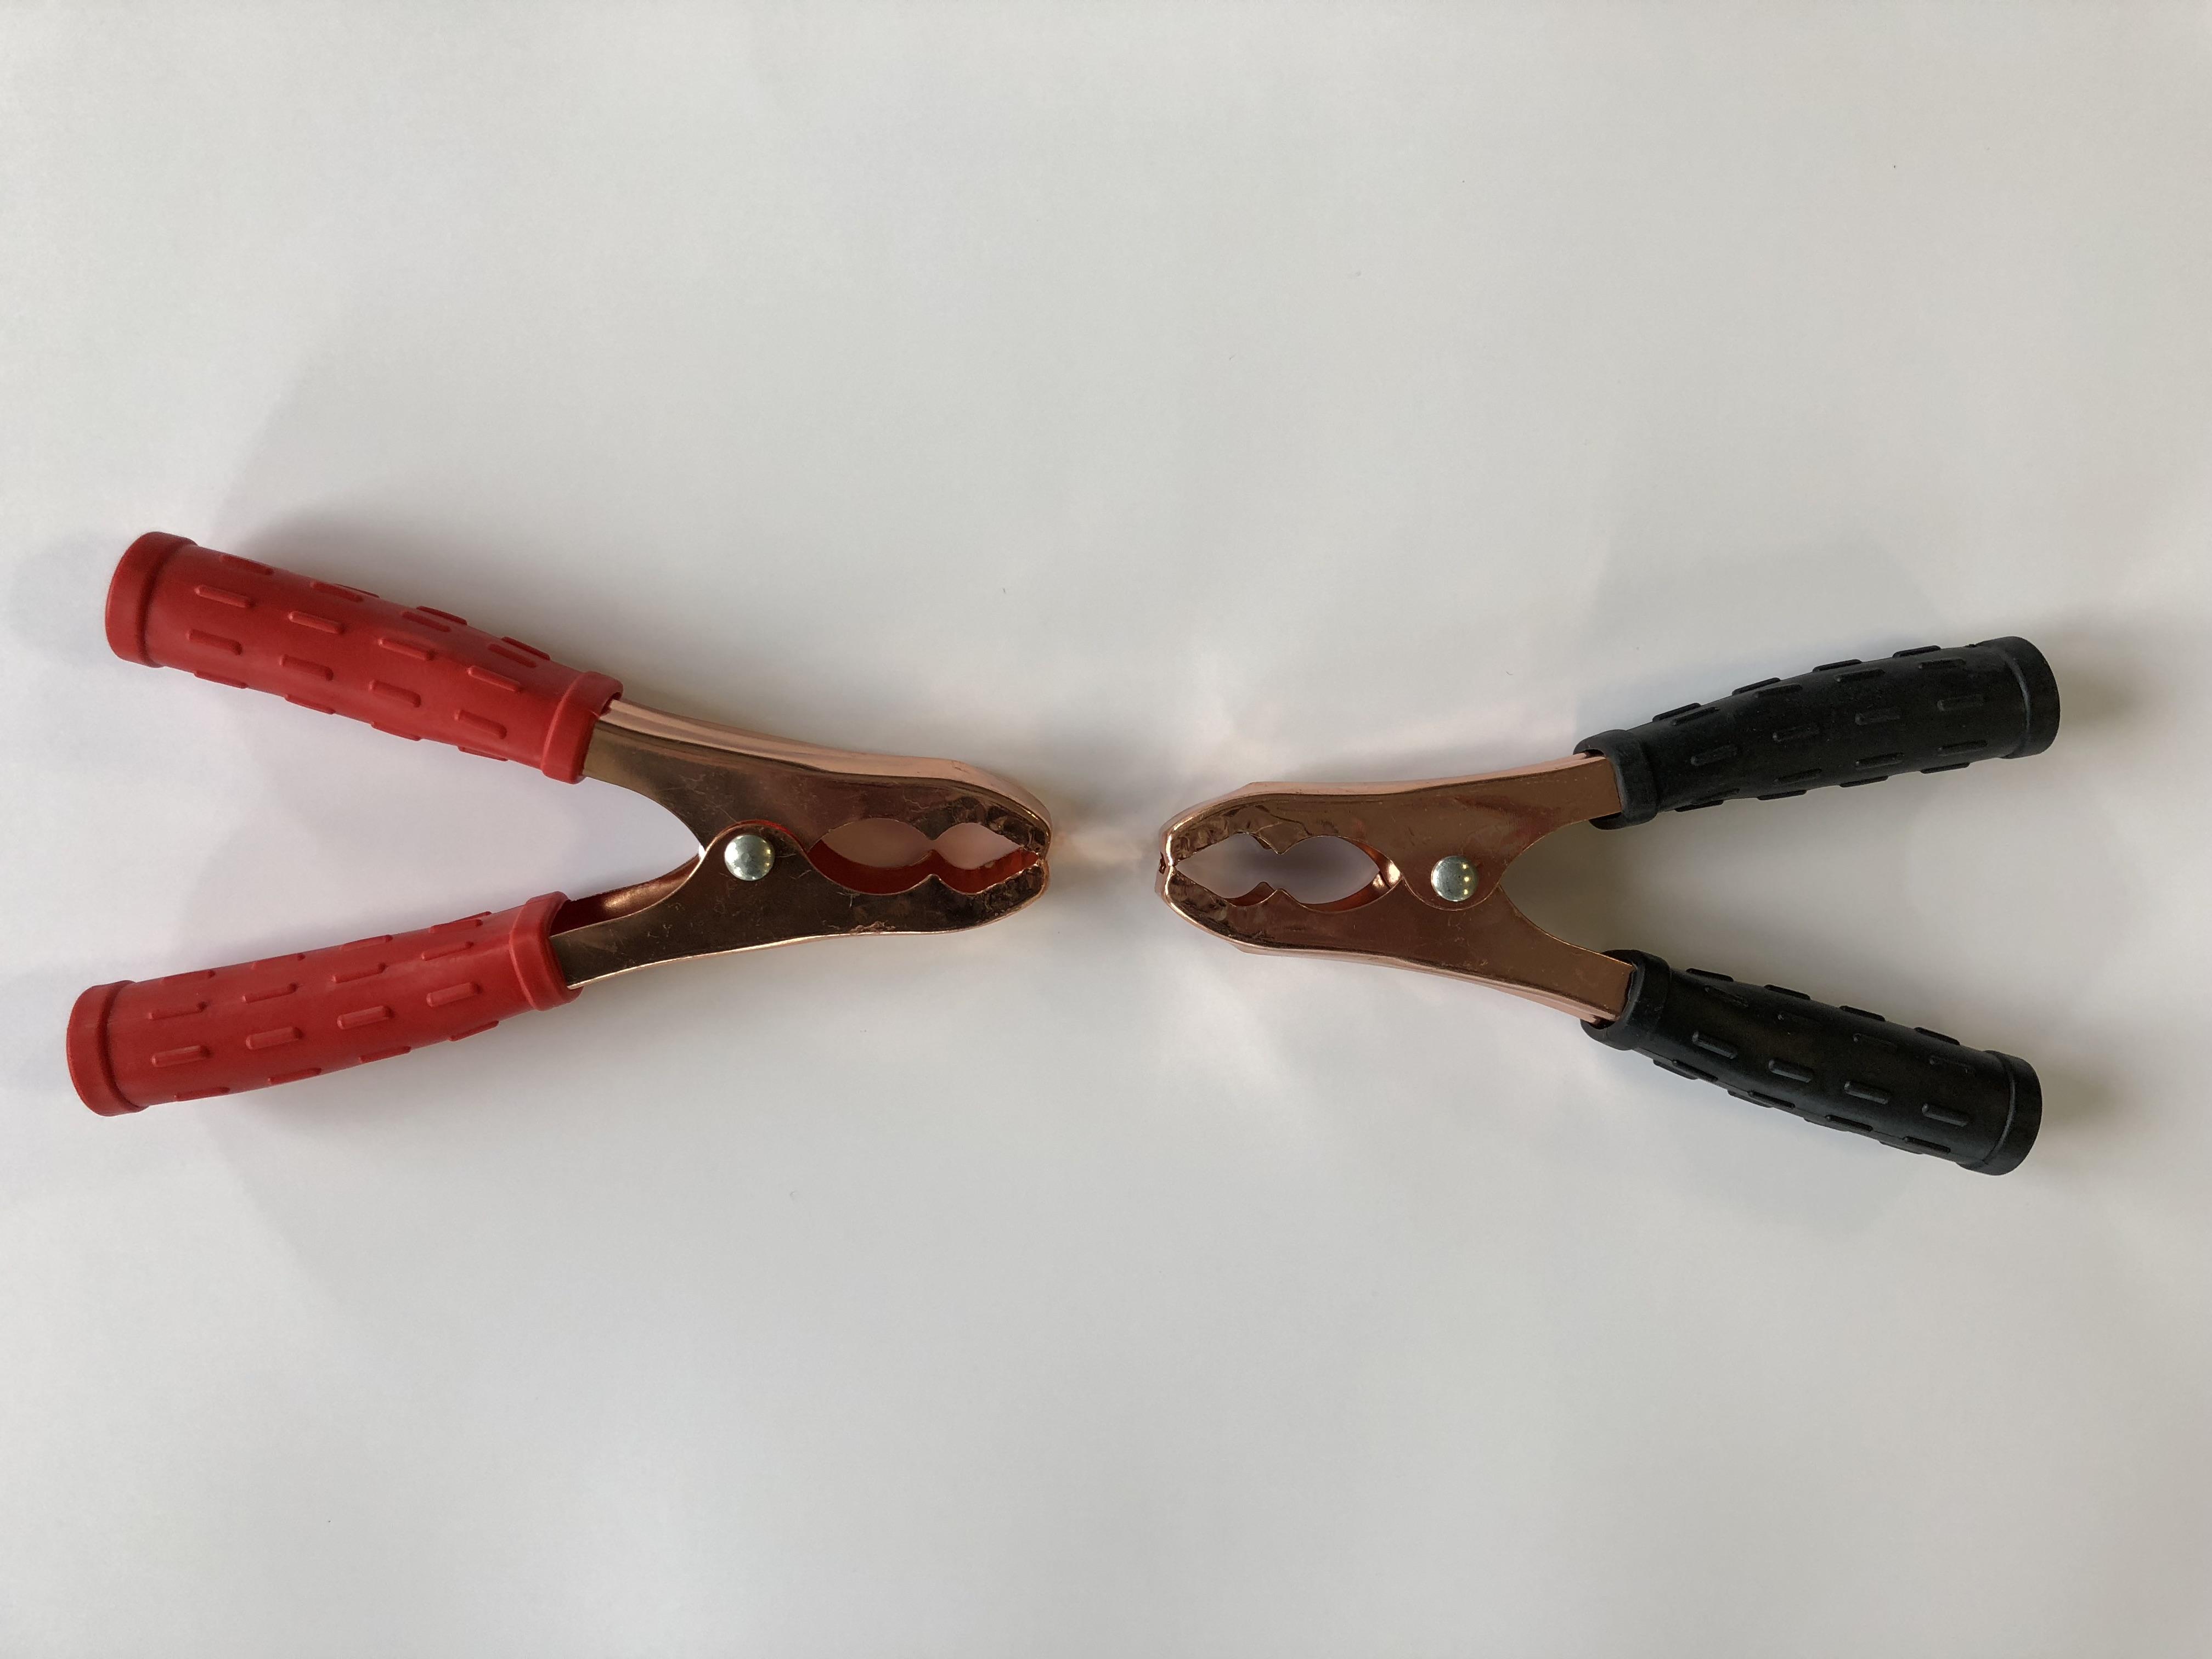 Krokosvorky 200A - 2ks, 31-011